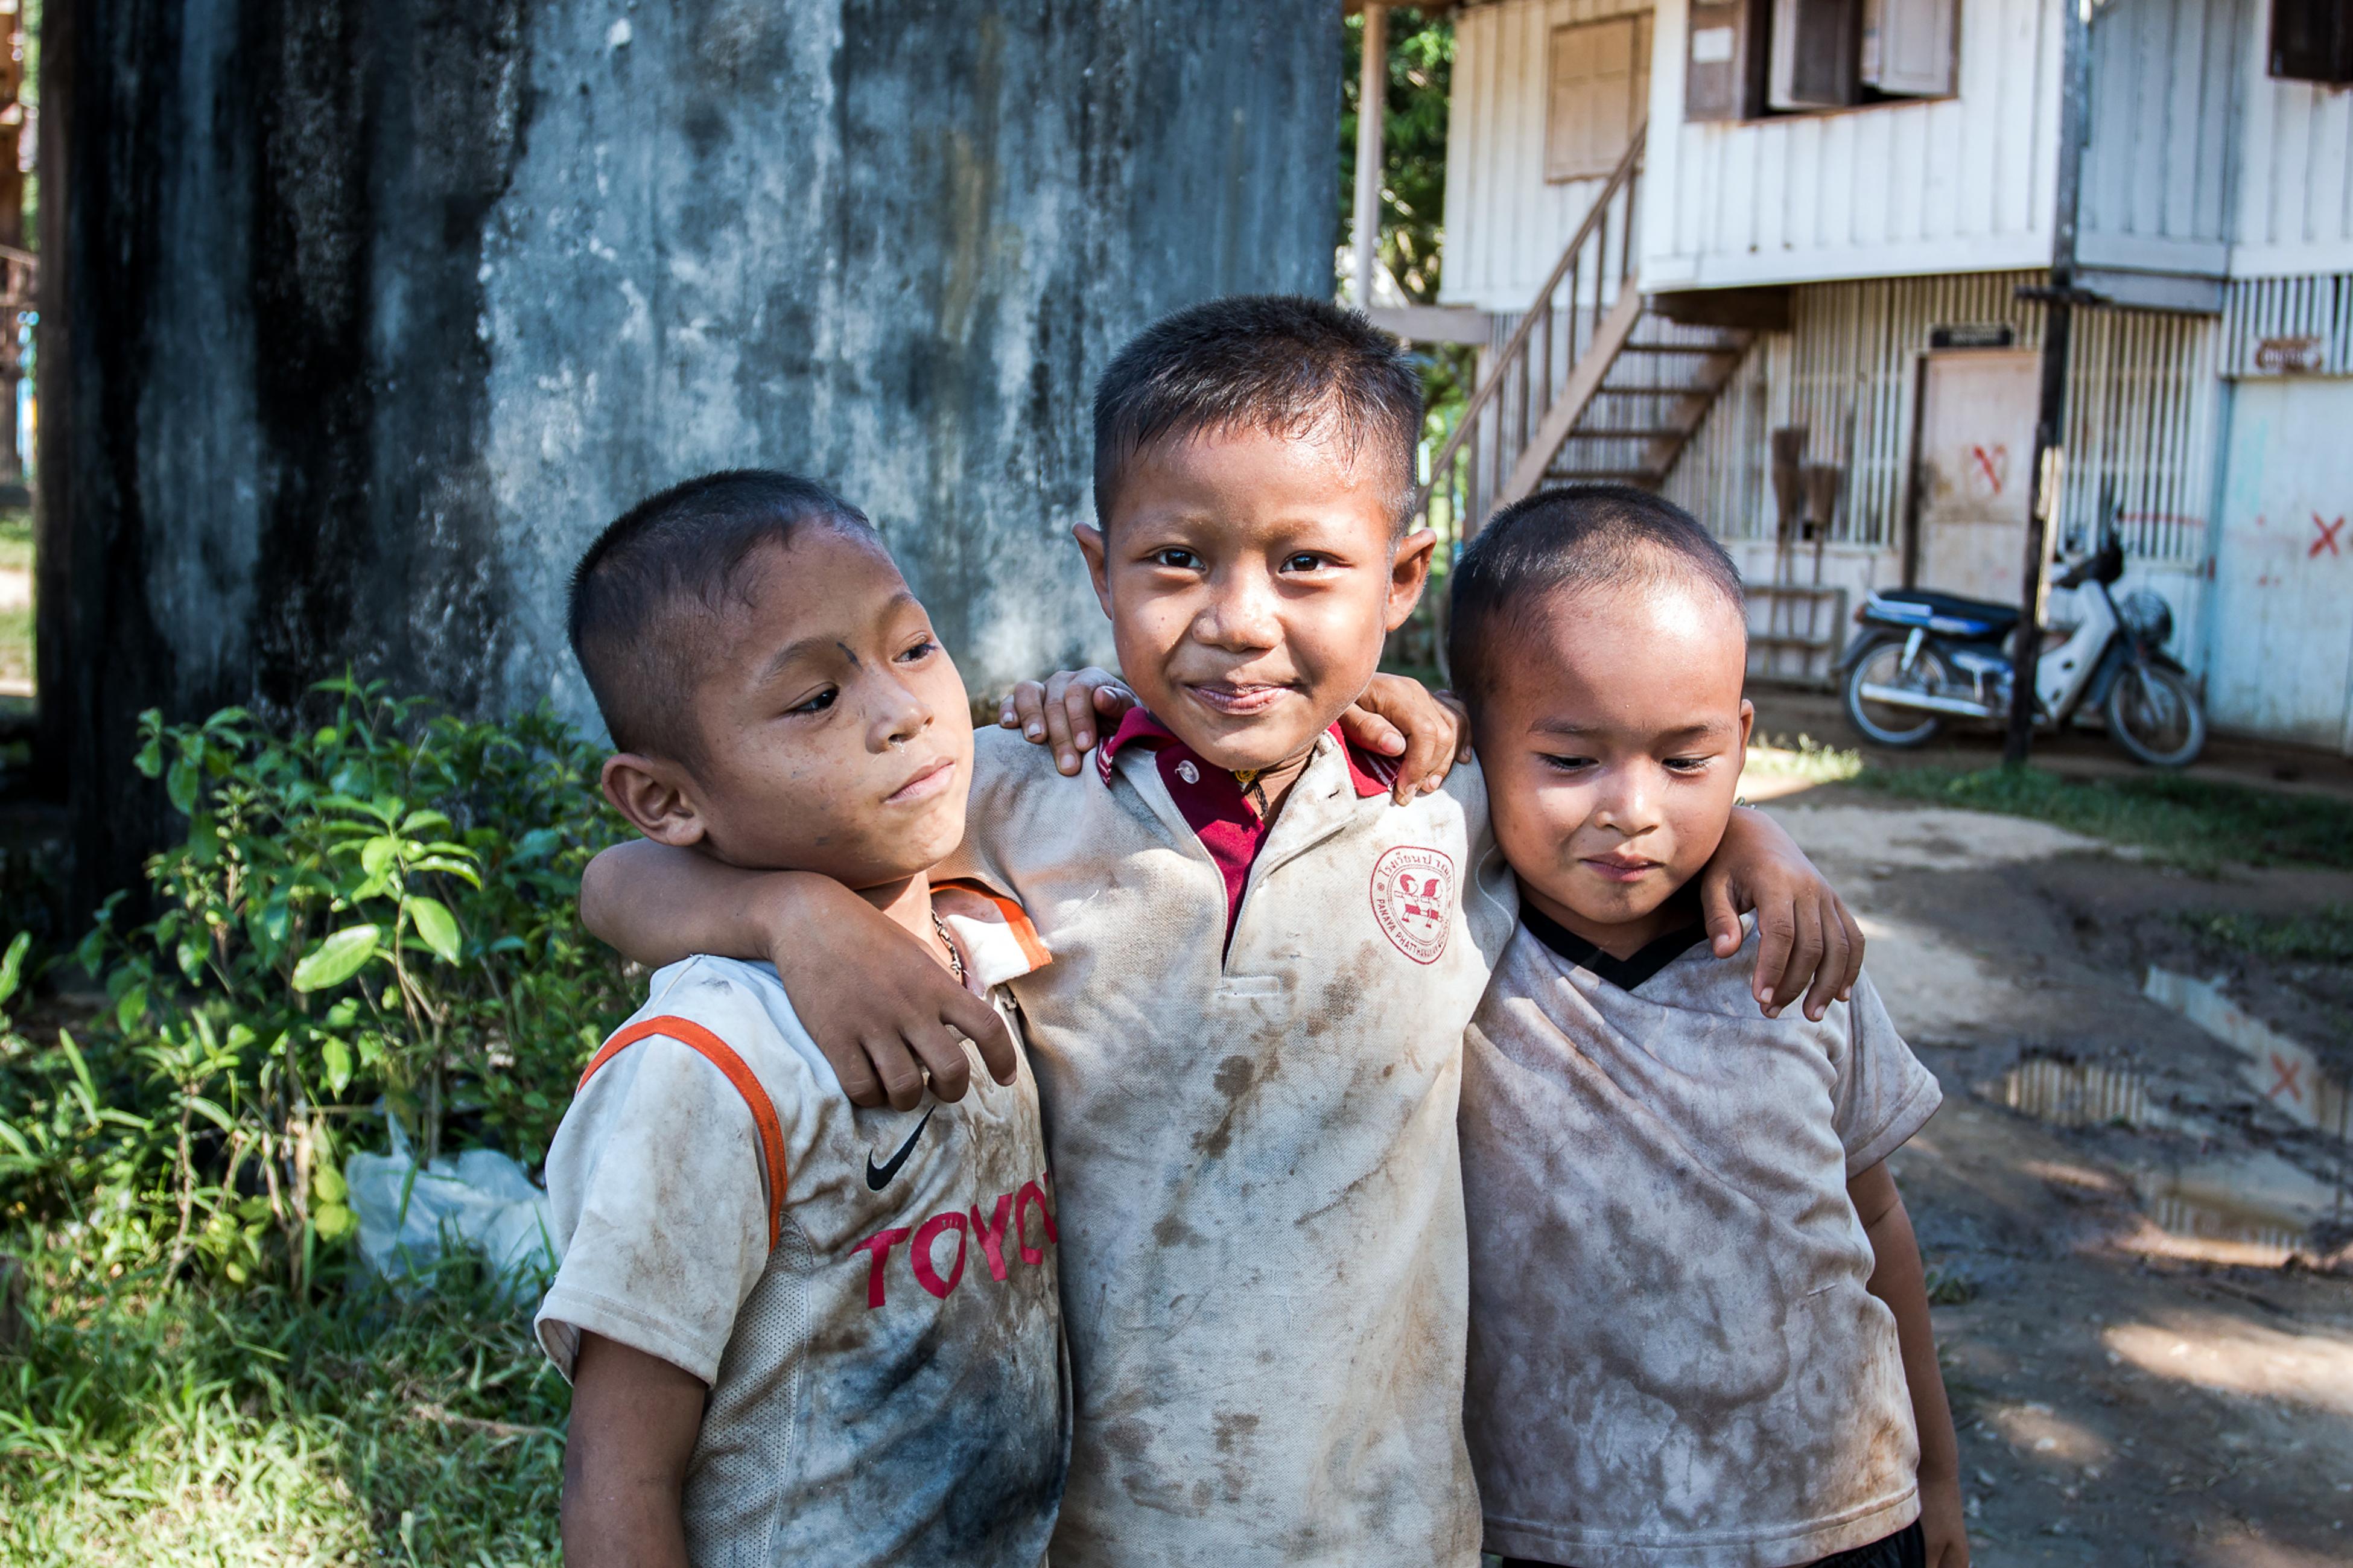 Children in Kanchanaburi Province, Thailand